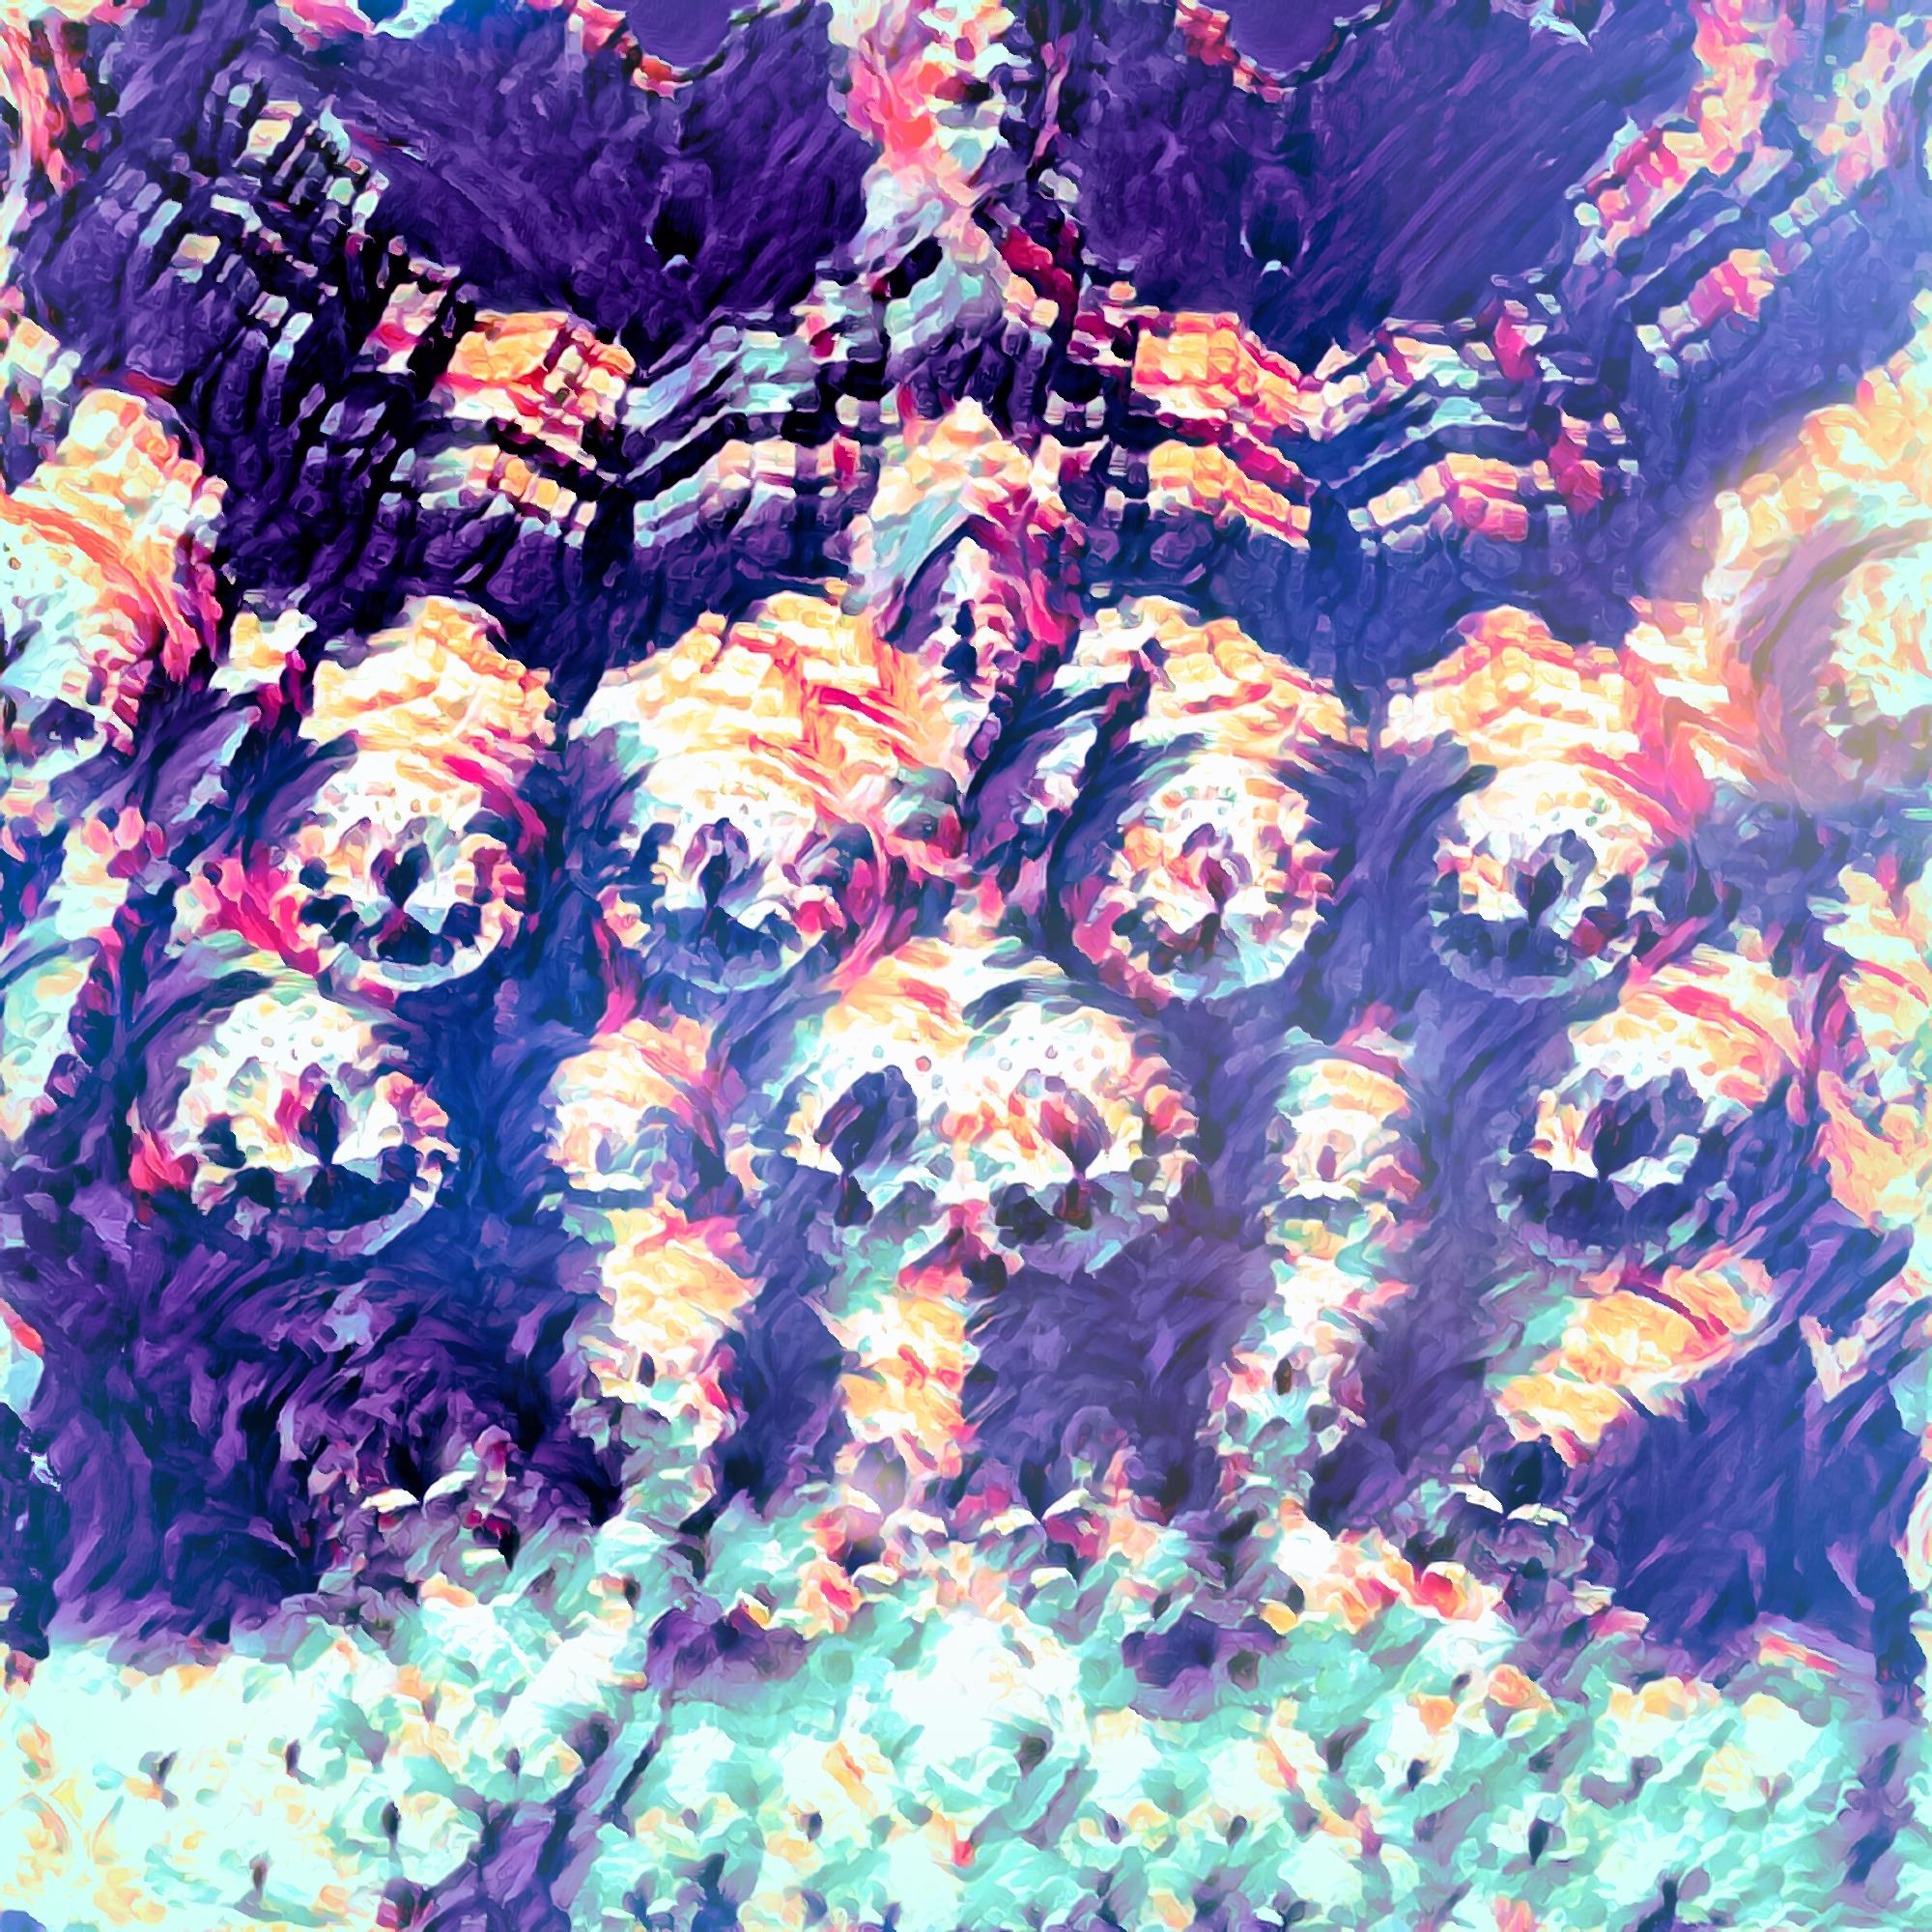 恐怖&怖い威圧的なファンタジーの壁&岩の壁紙:幻想